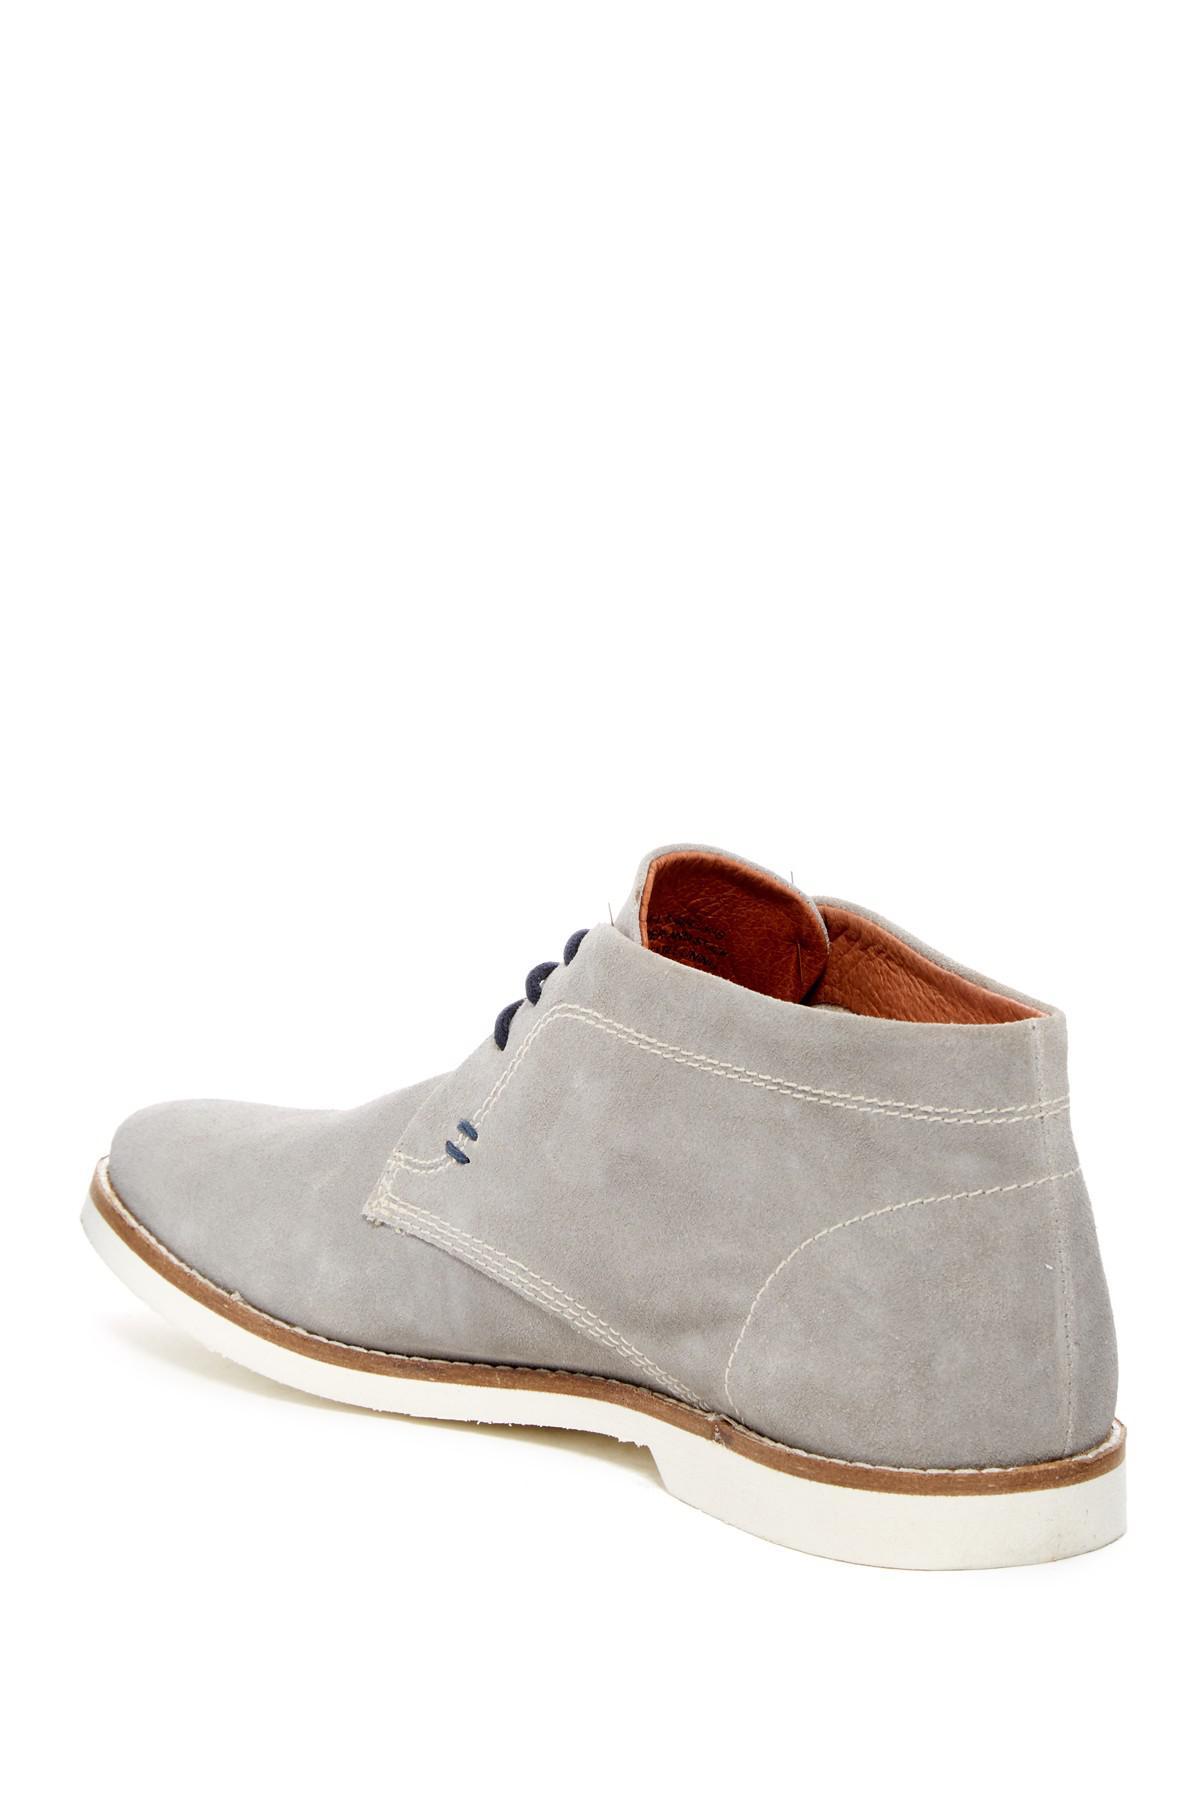 Hawke Amp Co Ingram Chukka Boot In Gray For Men Lyst